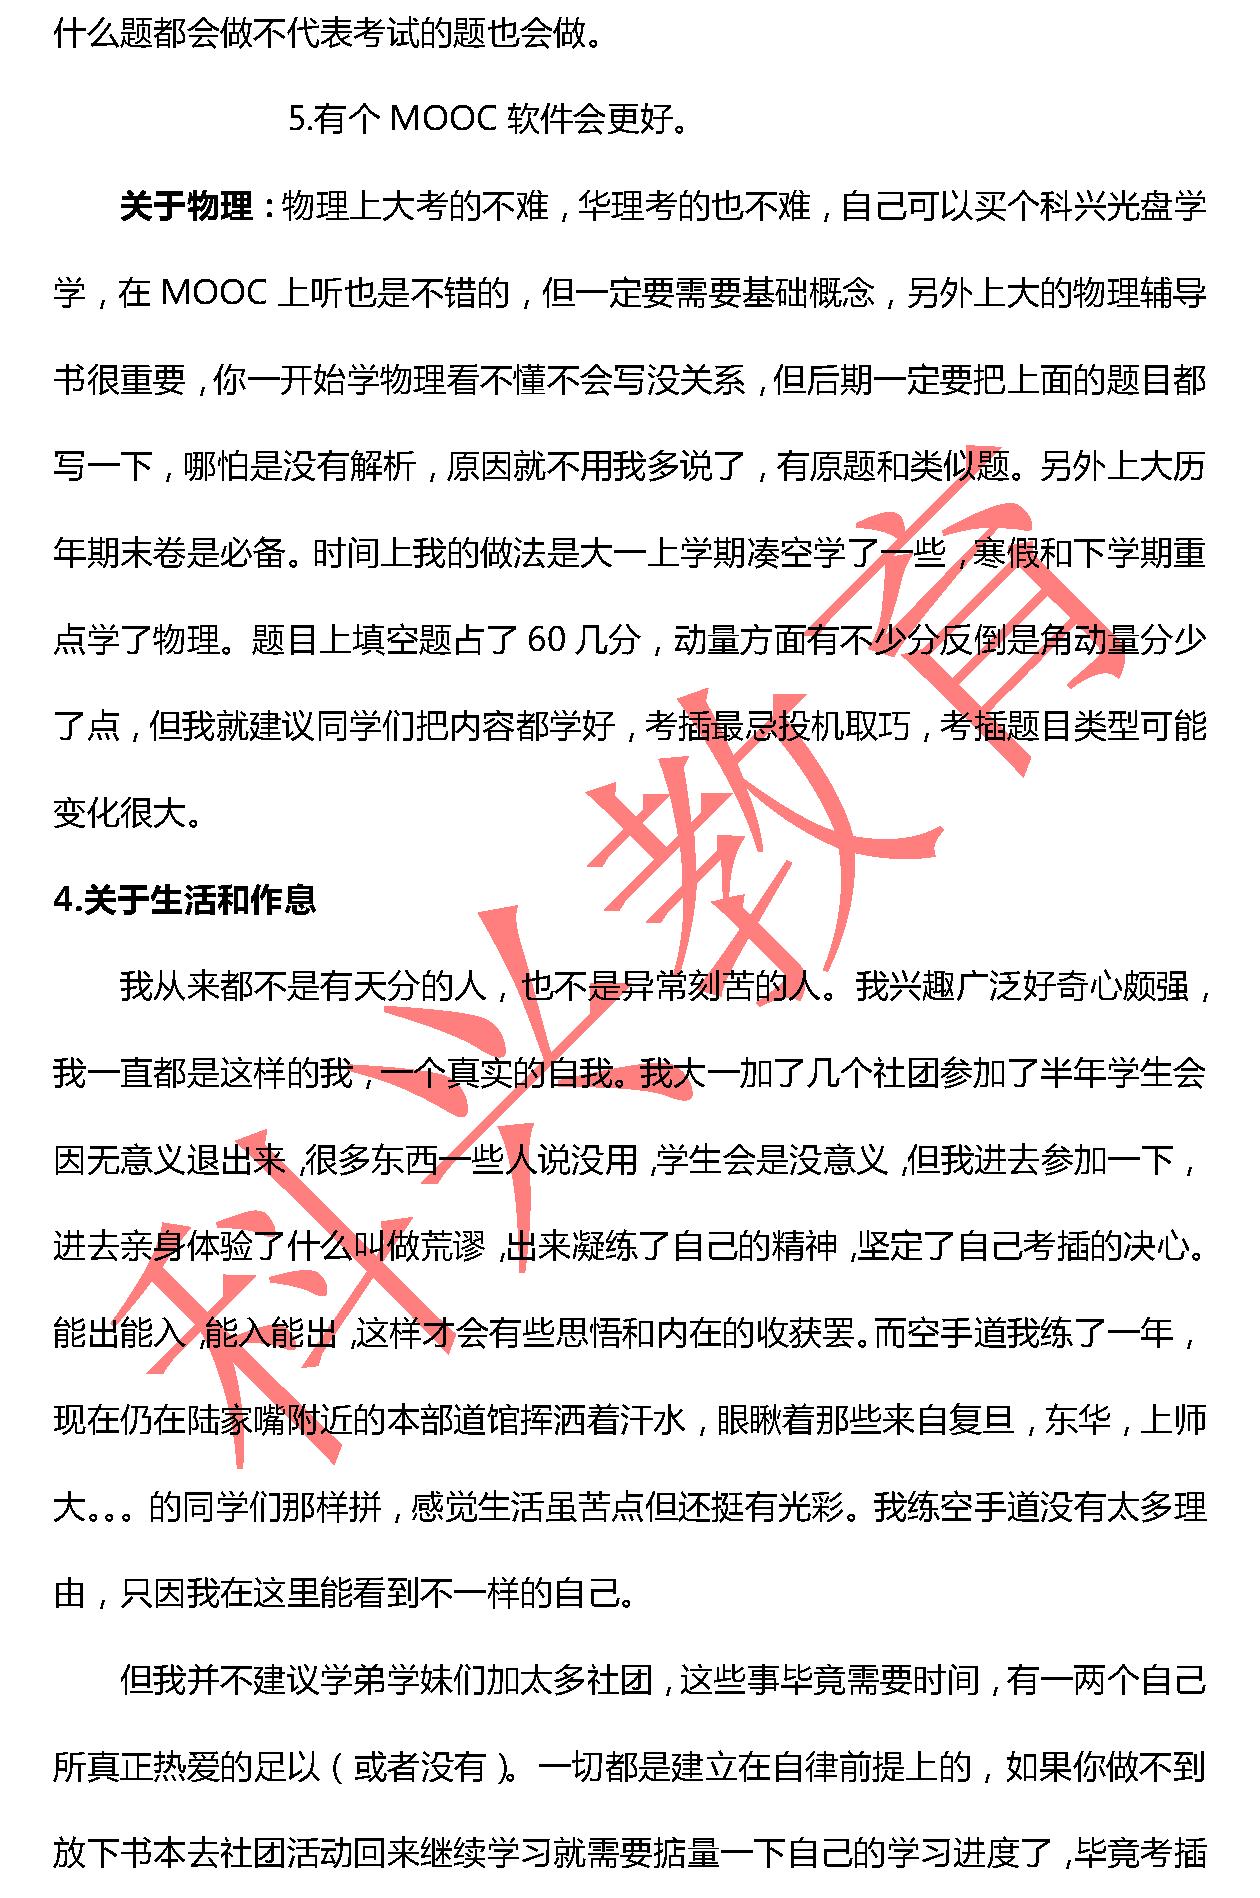 上大杨路嘉:生活不止眼前的苟且(18届)